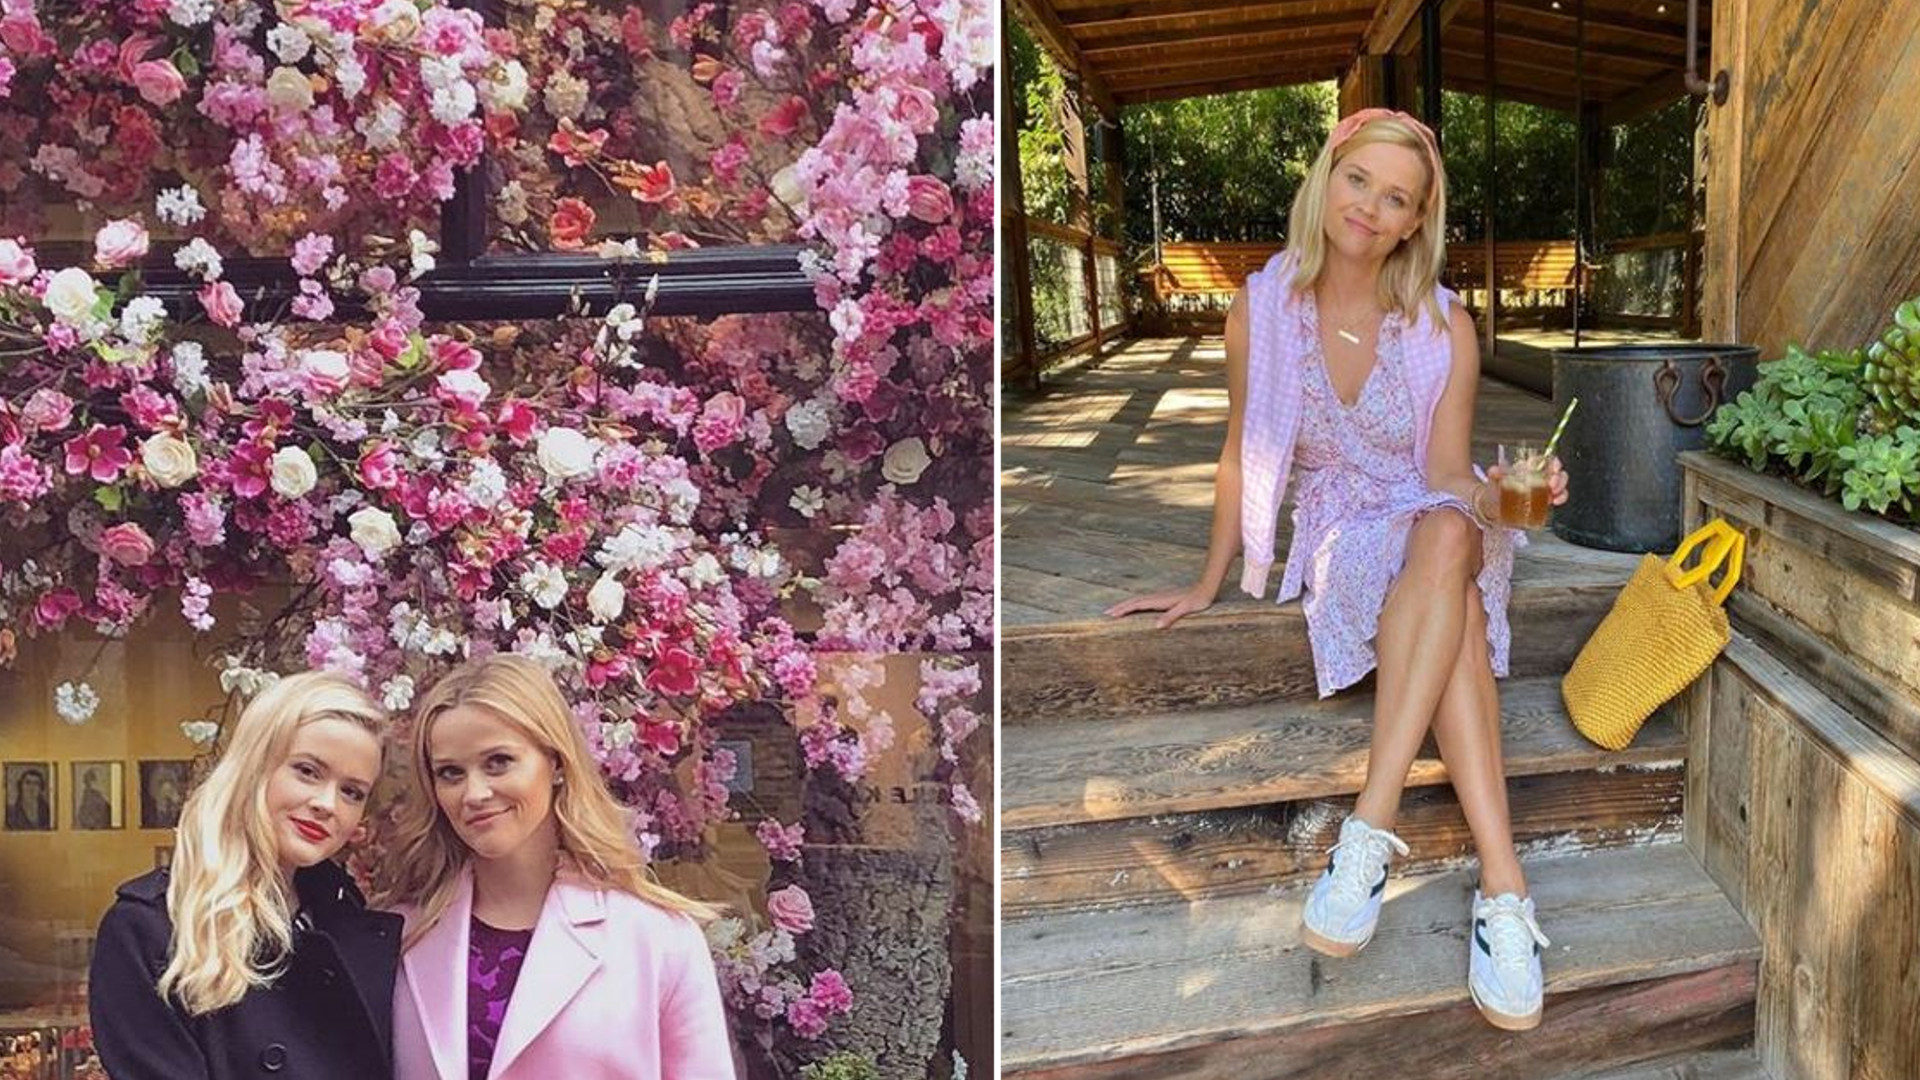 Reese Witherspoon opublikowała zdjęcie CÓRKI na Instagramie a fani myśleli, że to AKTORKA